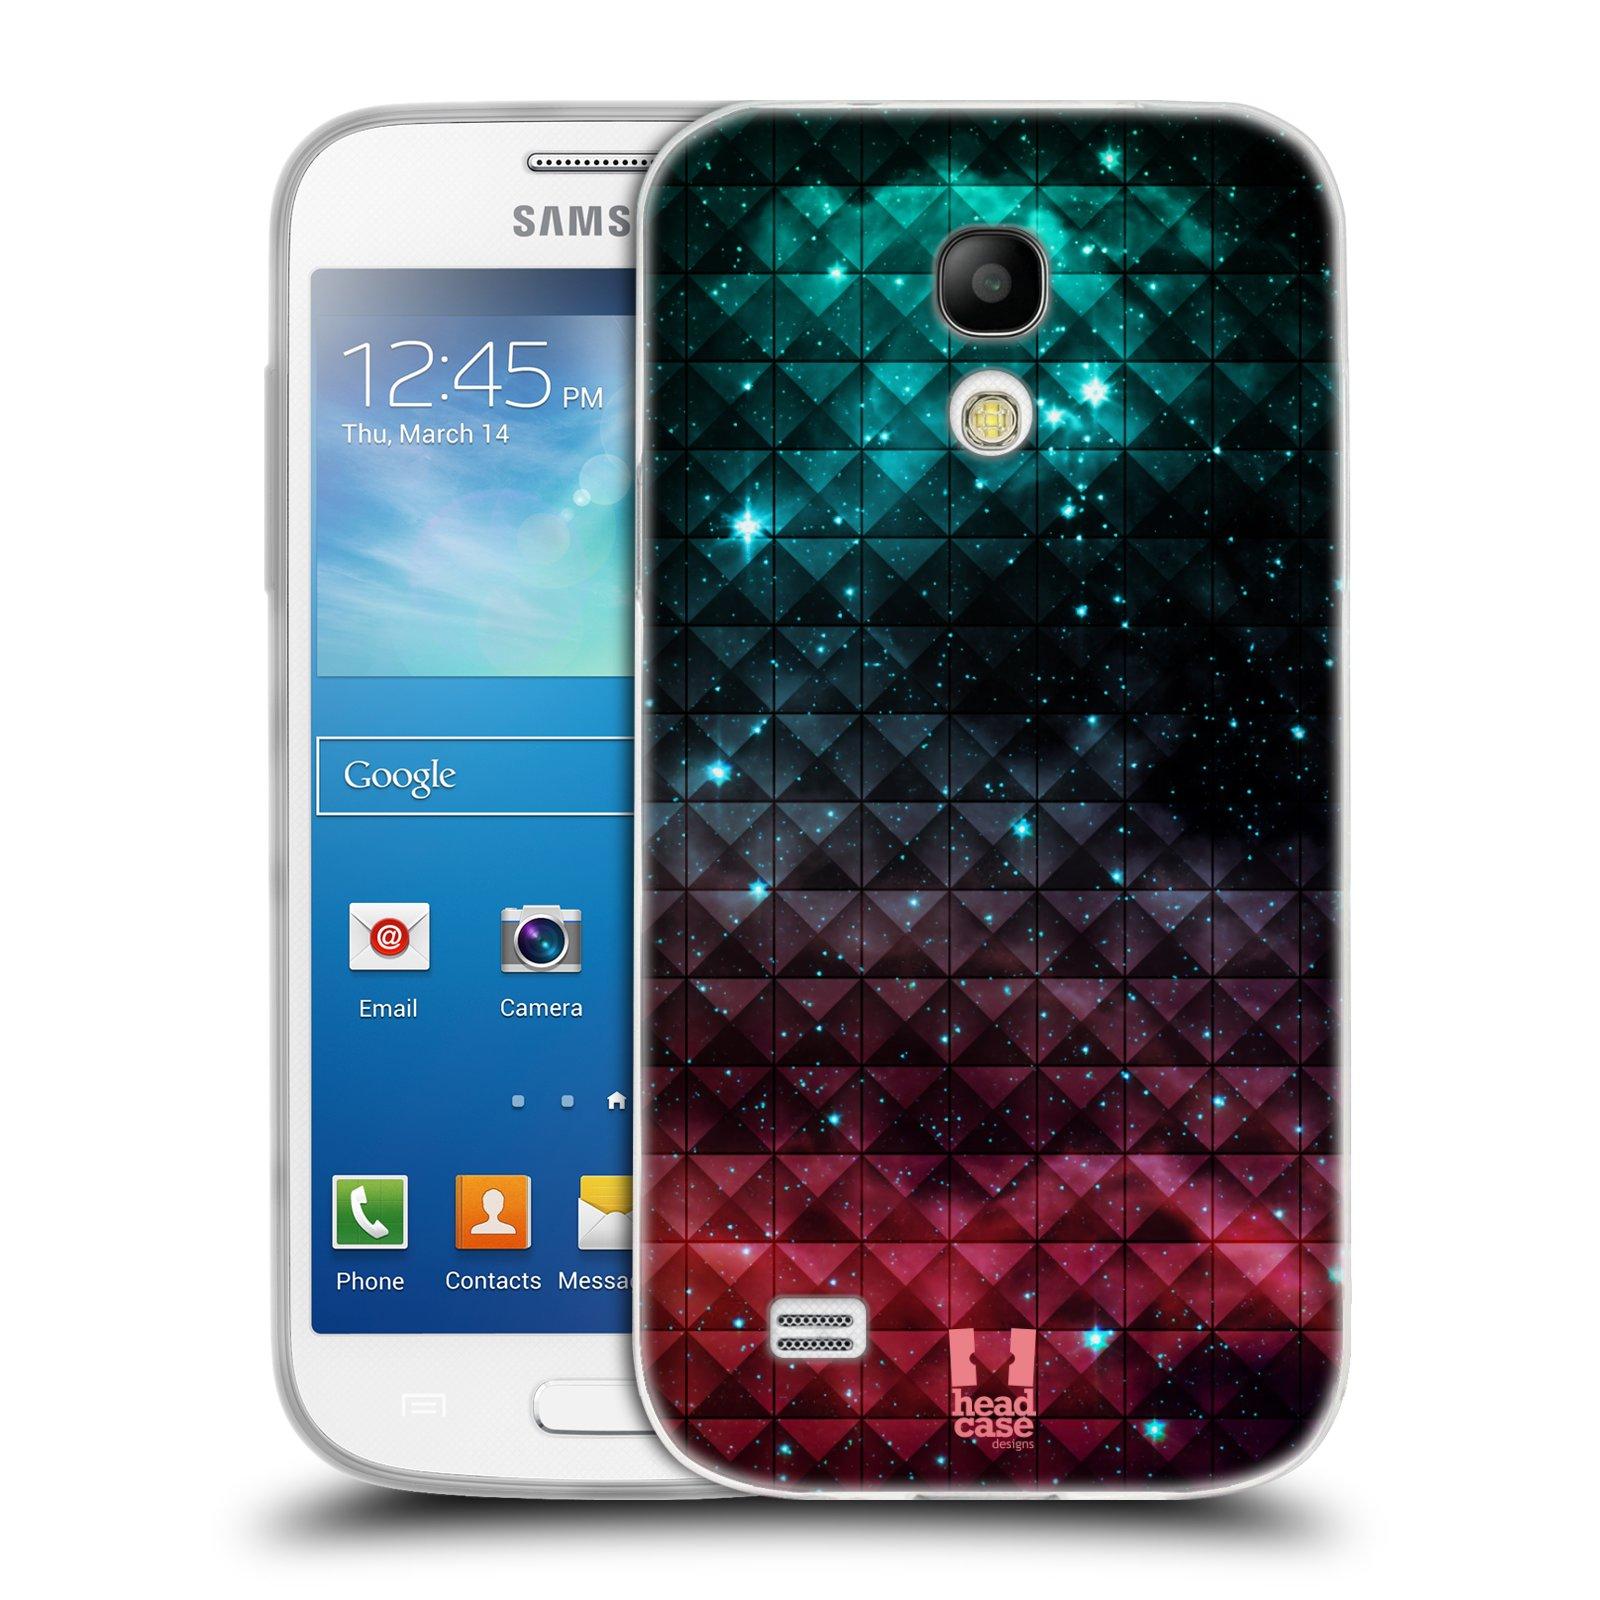 Silikonové pouzdro na mobil Samsung Galaxy S4 Mini HEAD CASE OMBRE SPARKLE (Silikonový kryt či obal na mobilní telefon Samsung Galaxy S4 Mini GT-i9195 / i9190 (nepasuje na verzi Black Edition))